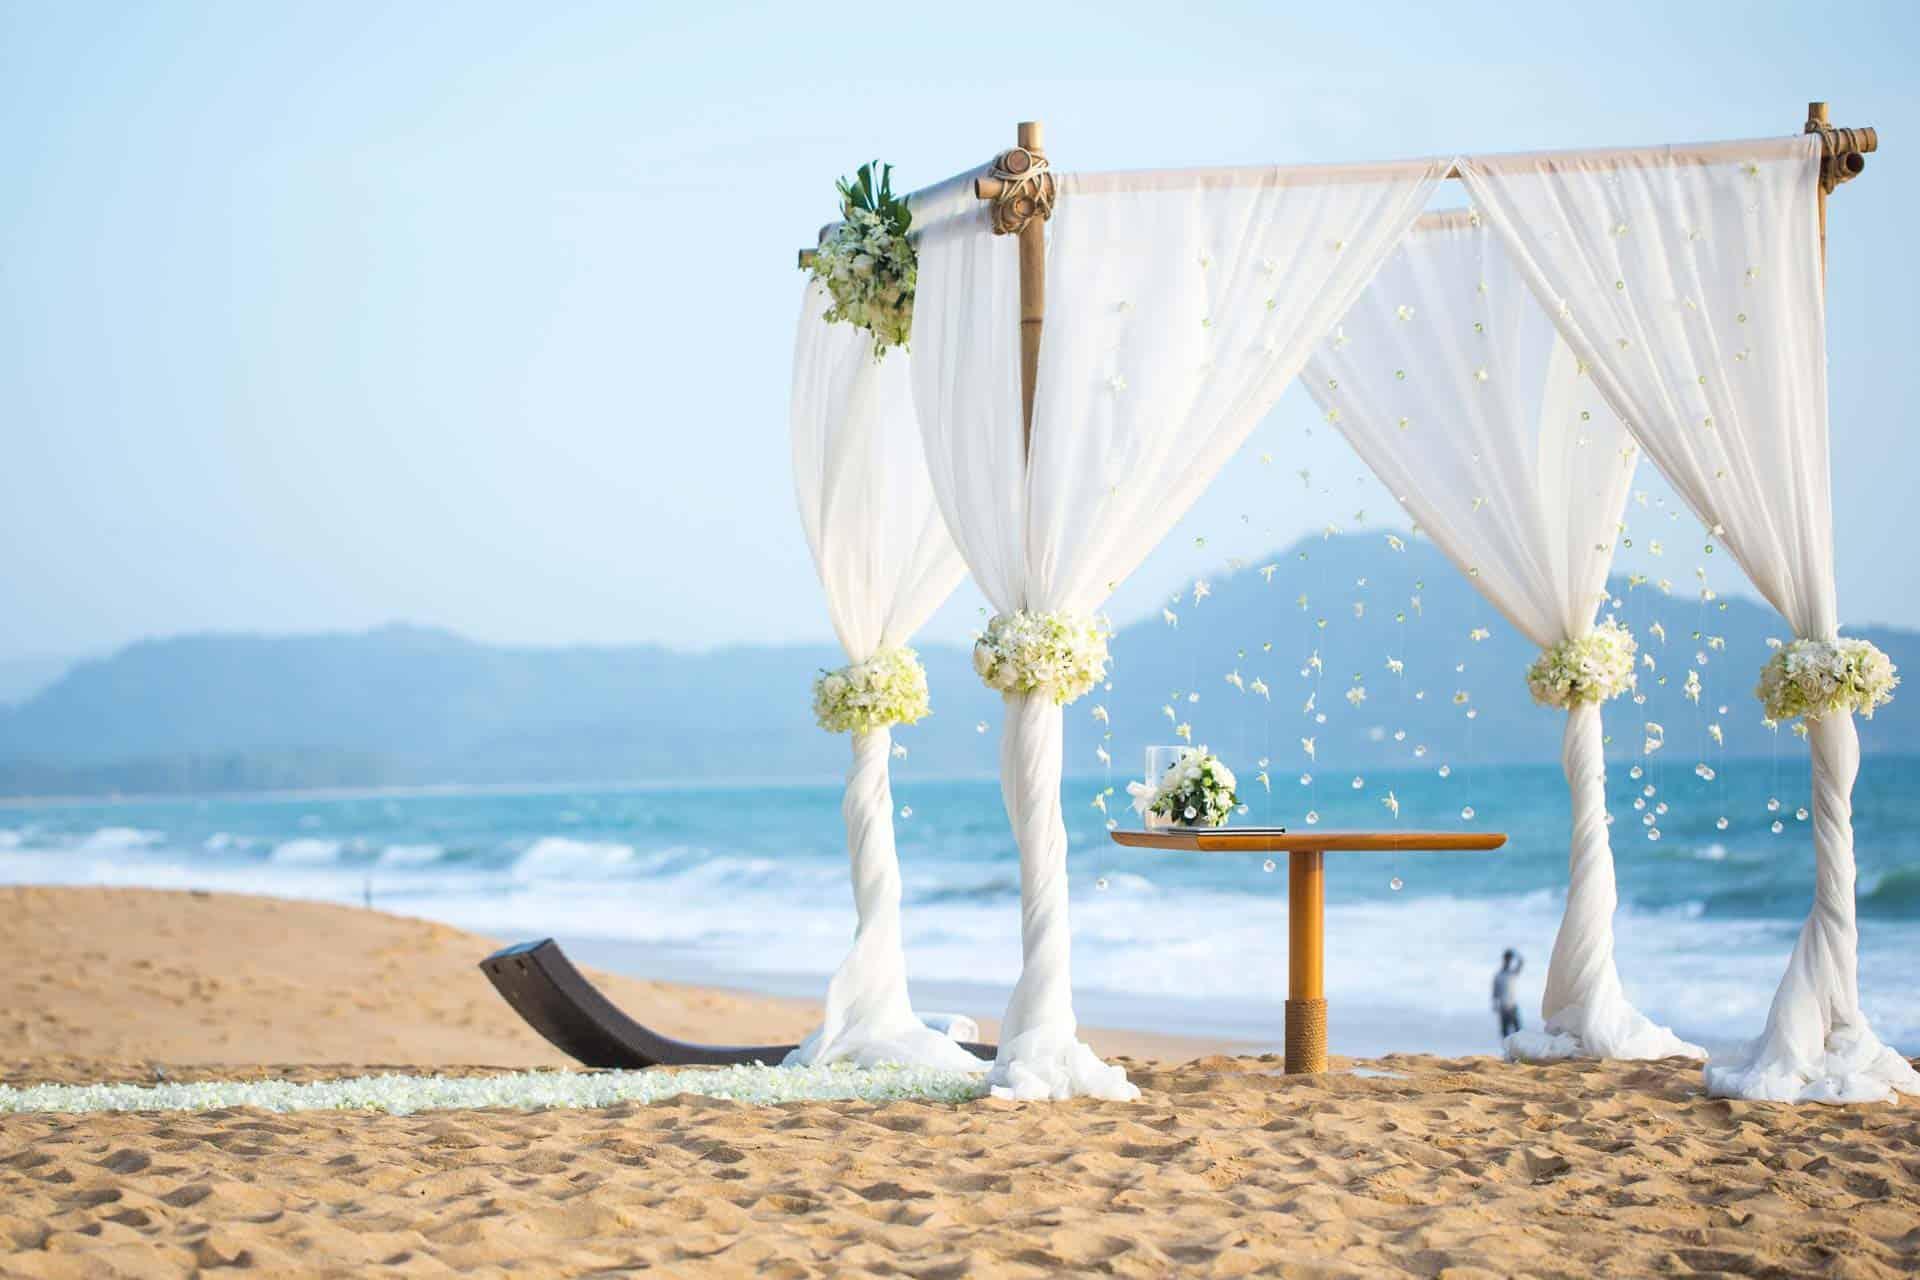 Matrimonio Spiaggia Alassio : Hotel alassio stelle fronte mare regina